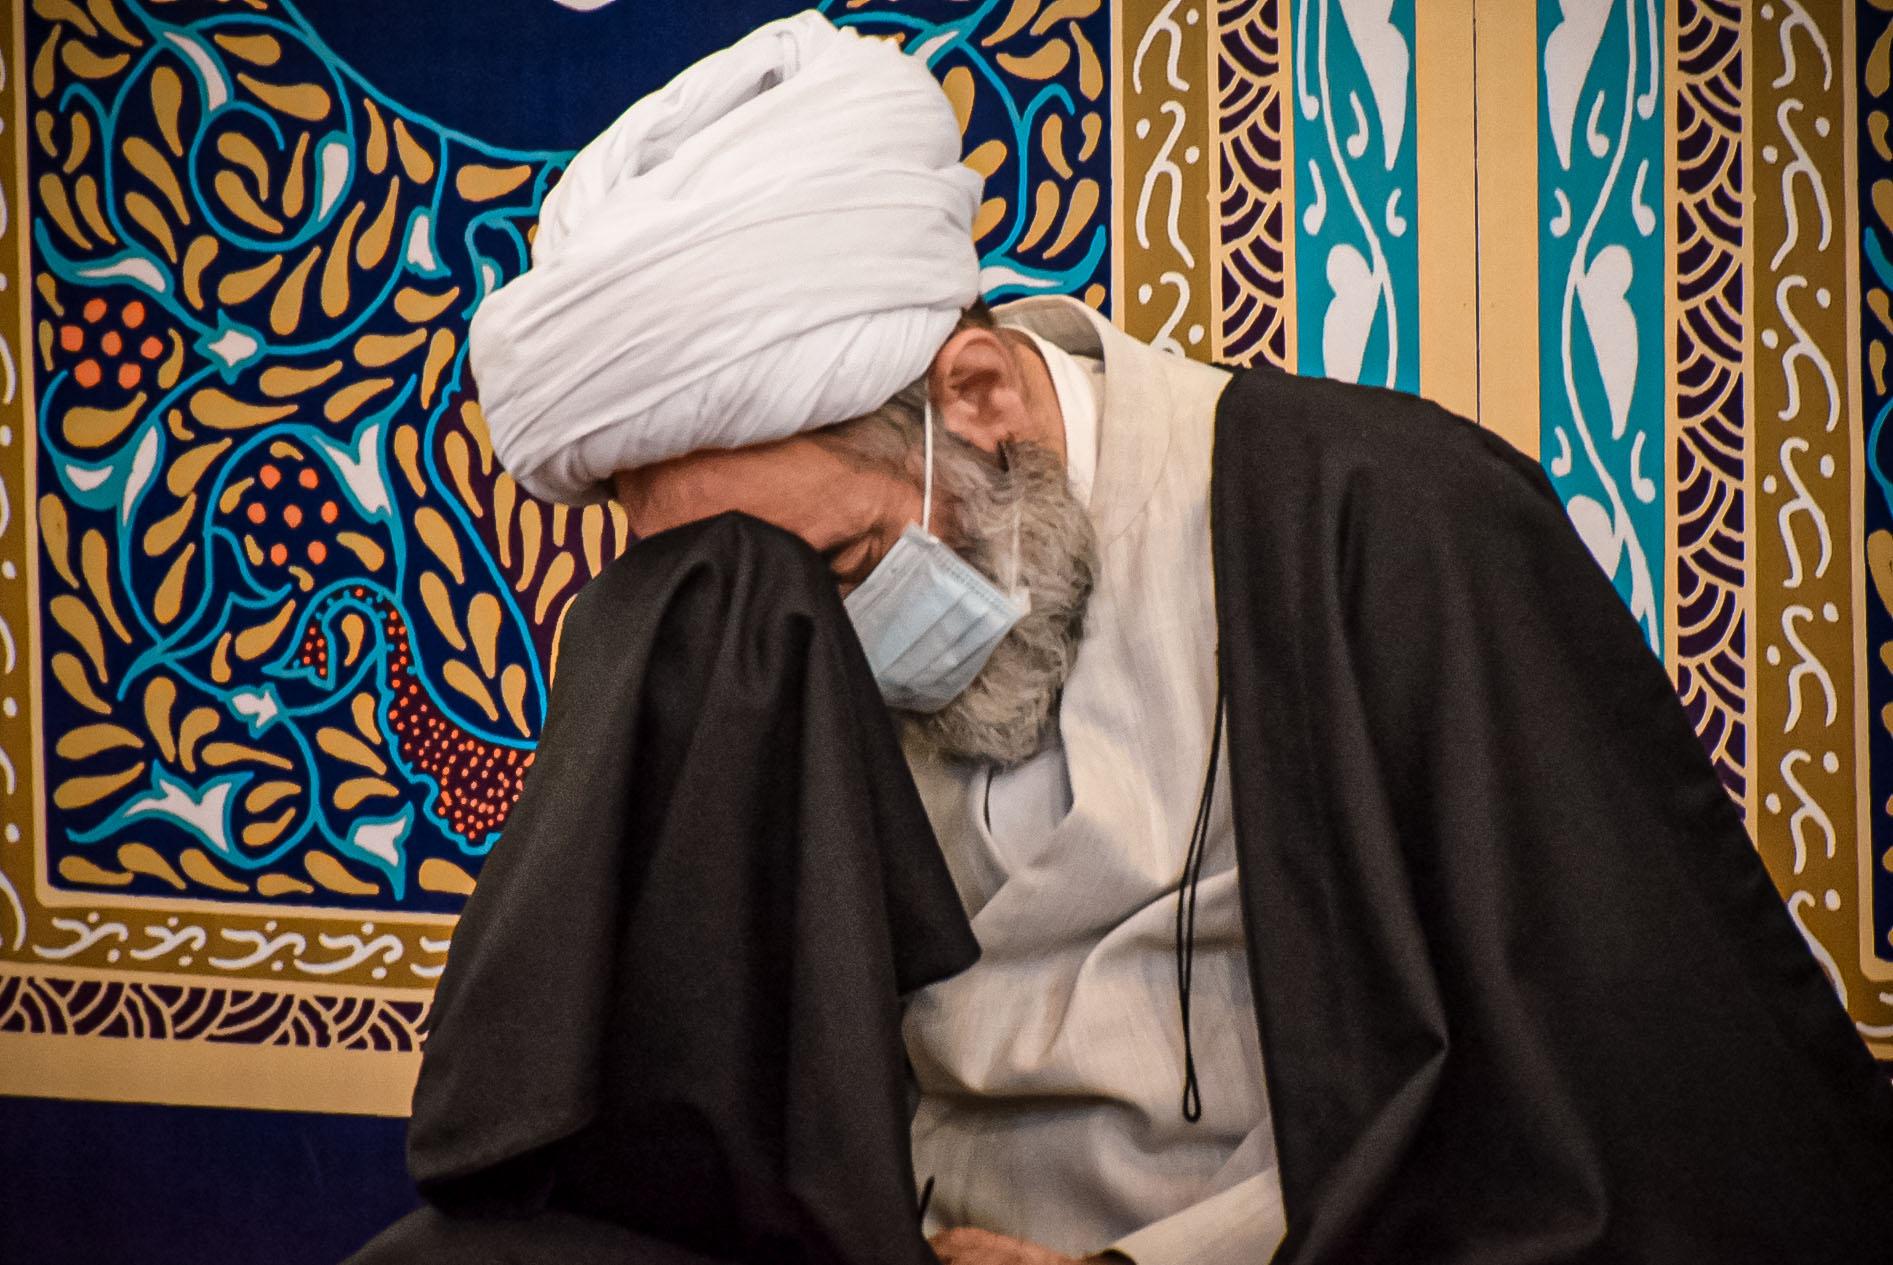 مراسم اربعین اباعبدالله الحسین علیه السلام با حضور نماینده ولی فقیه در گیلان برگزار شد + تصاویر